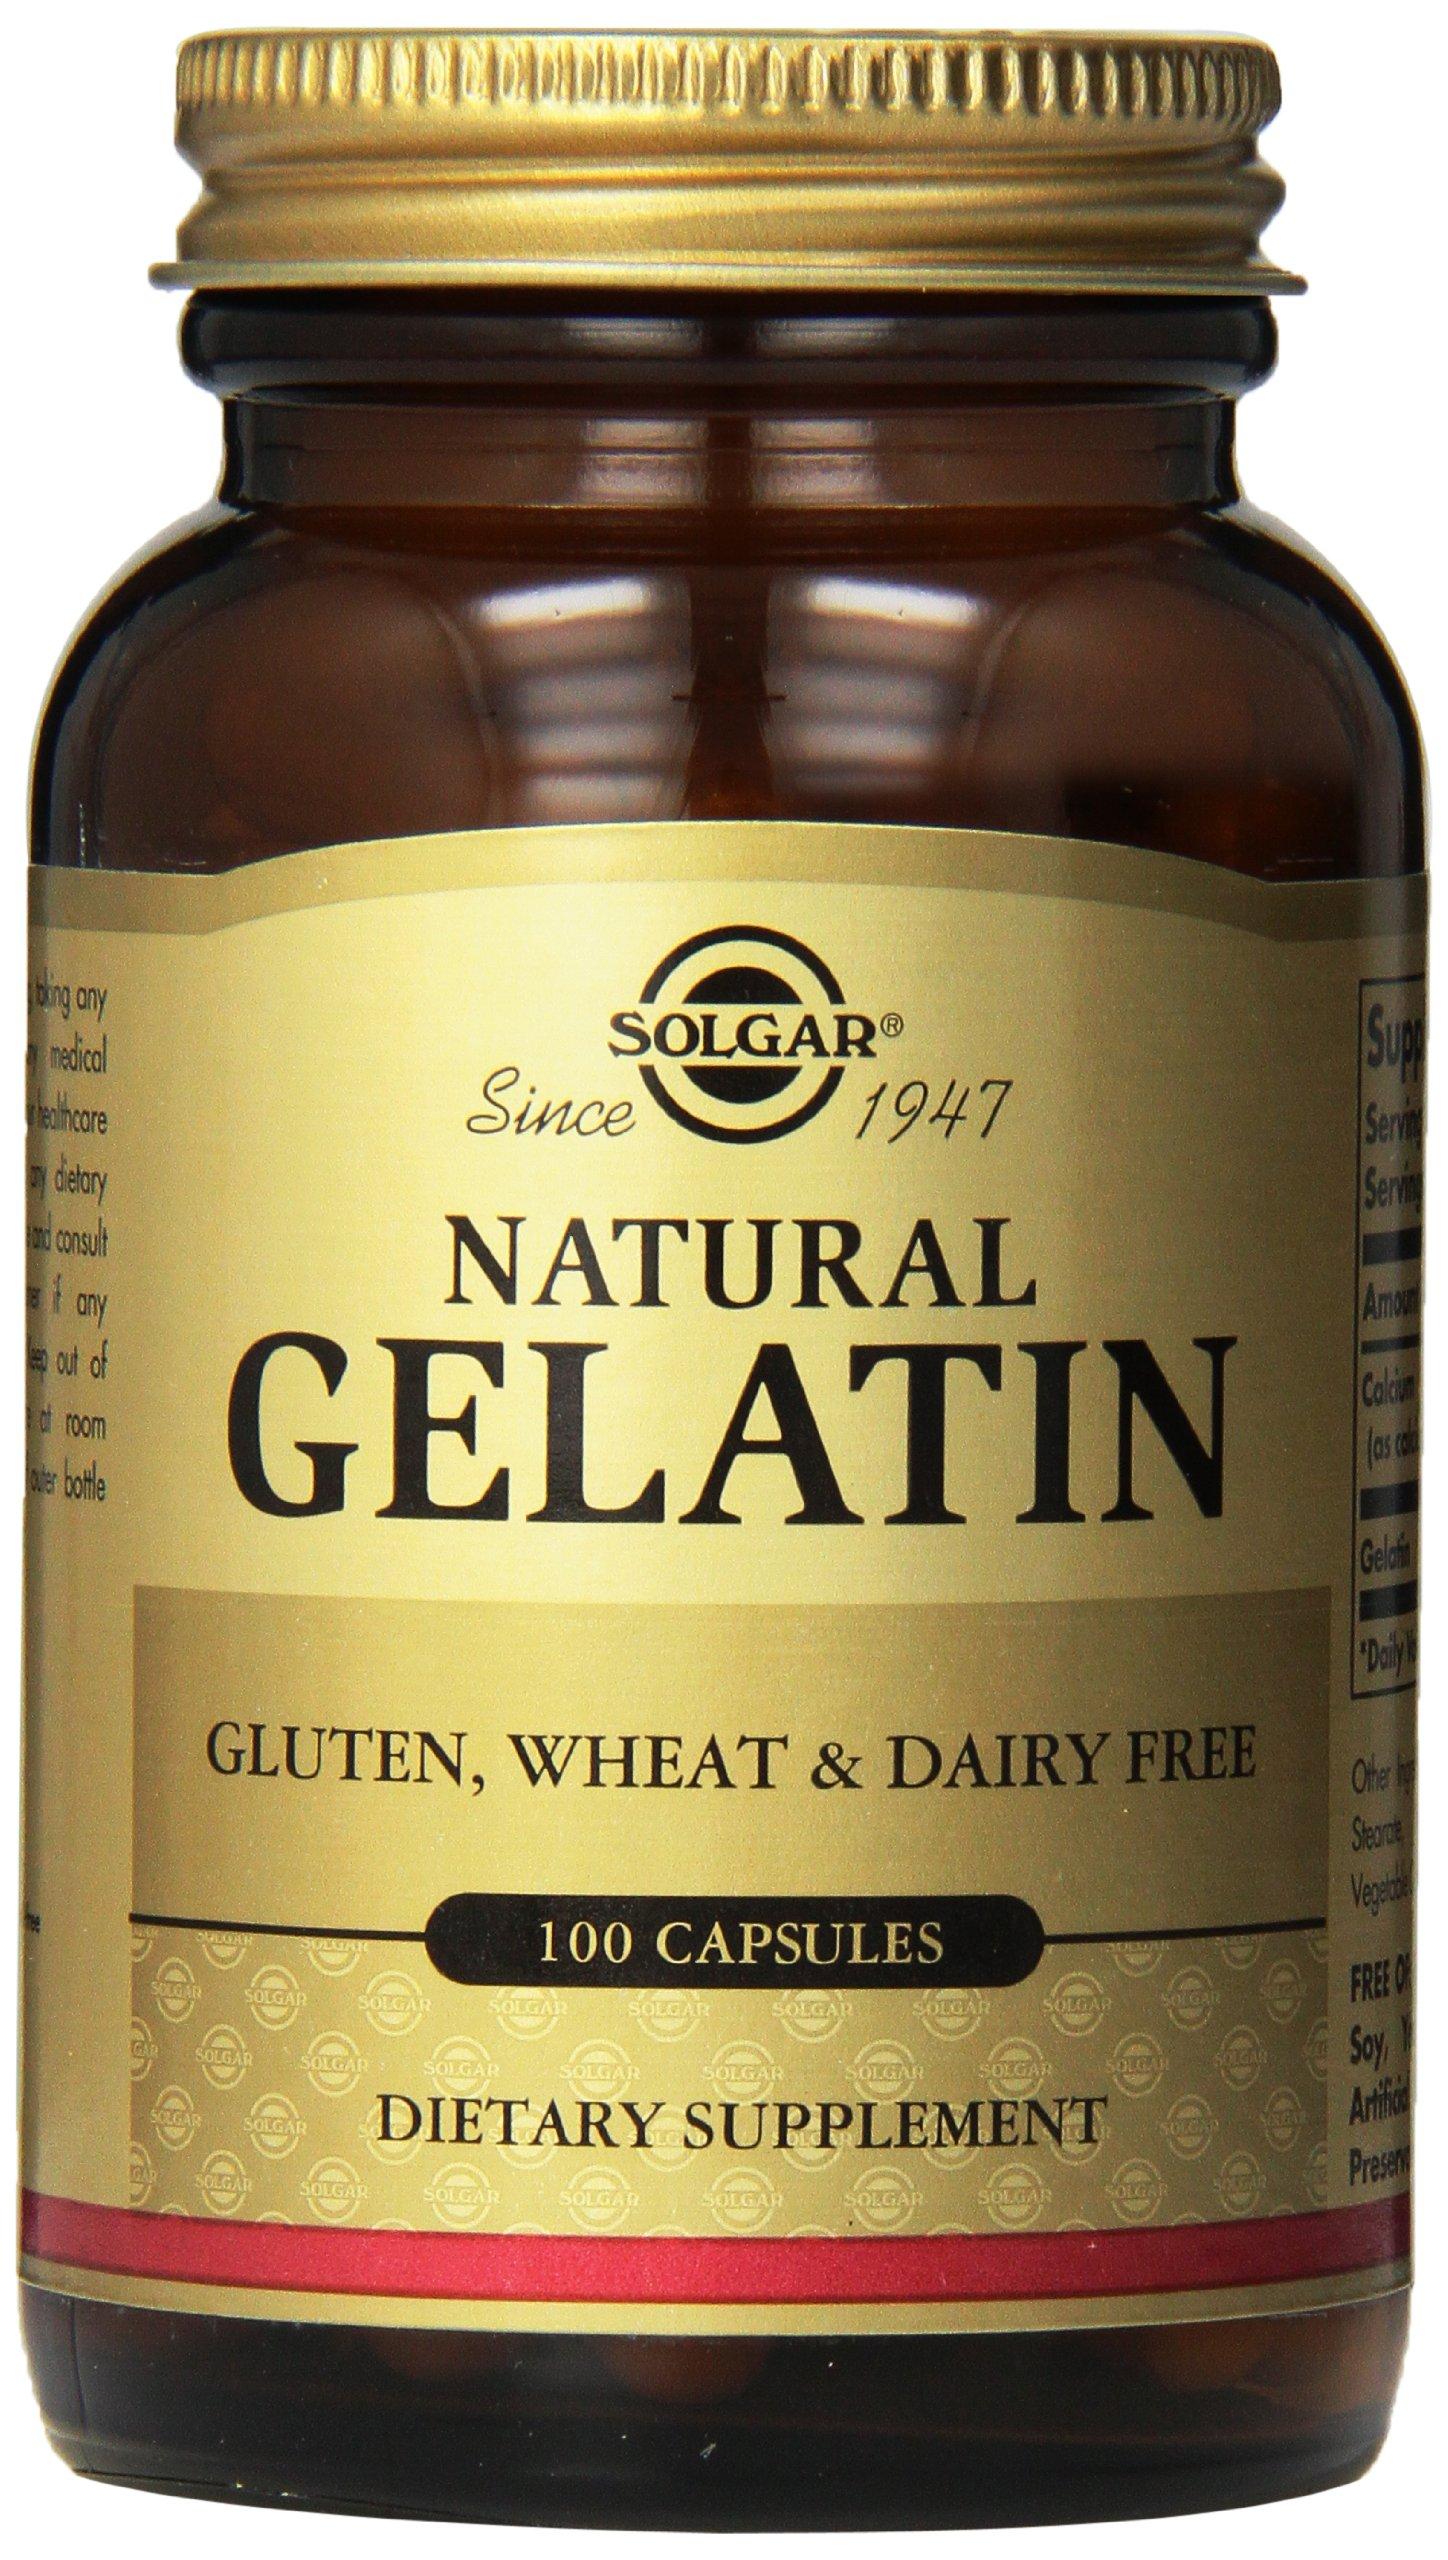 Solgar – Natural Gelatin, 100 Capsules